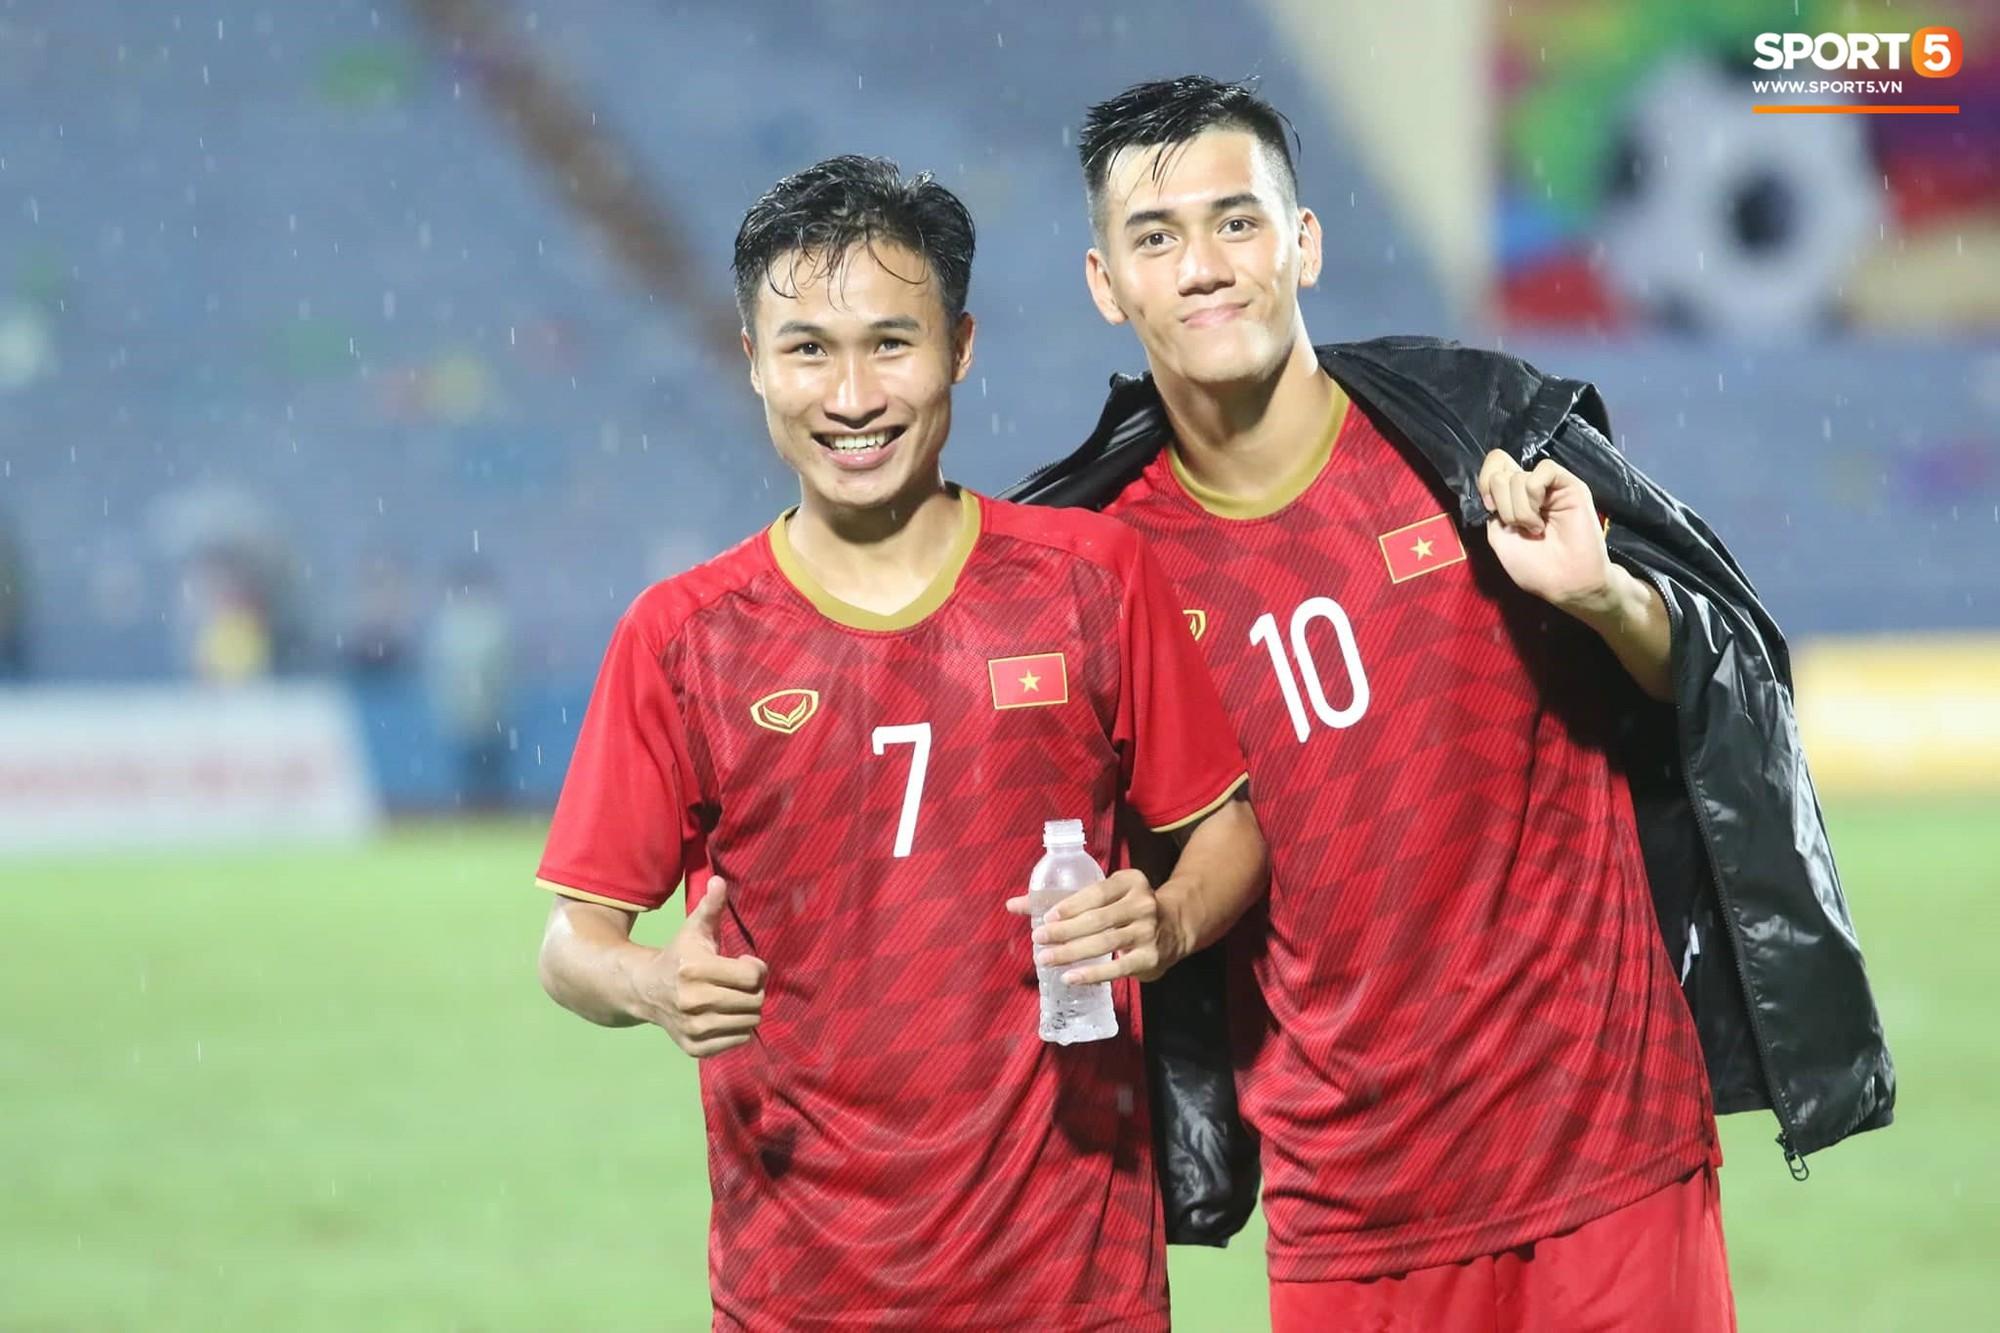 Hình ảnh cảm động: U23 Việt Nam đội mưa đi khắp khán đài cảm ơn người hâm mộ sau trận thắng U23 Myanmar - Ảnh 10.